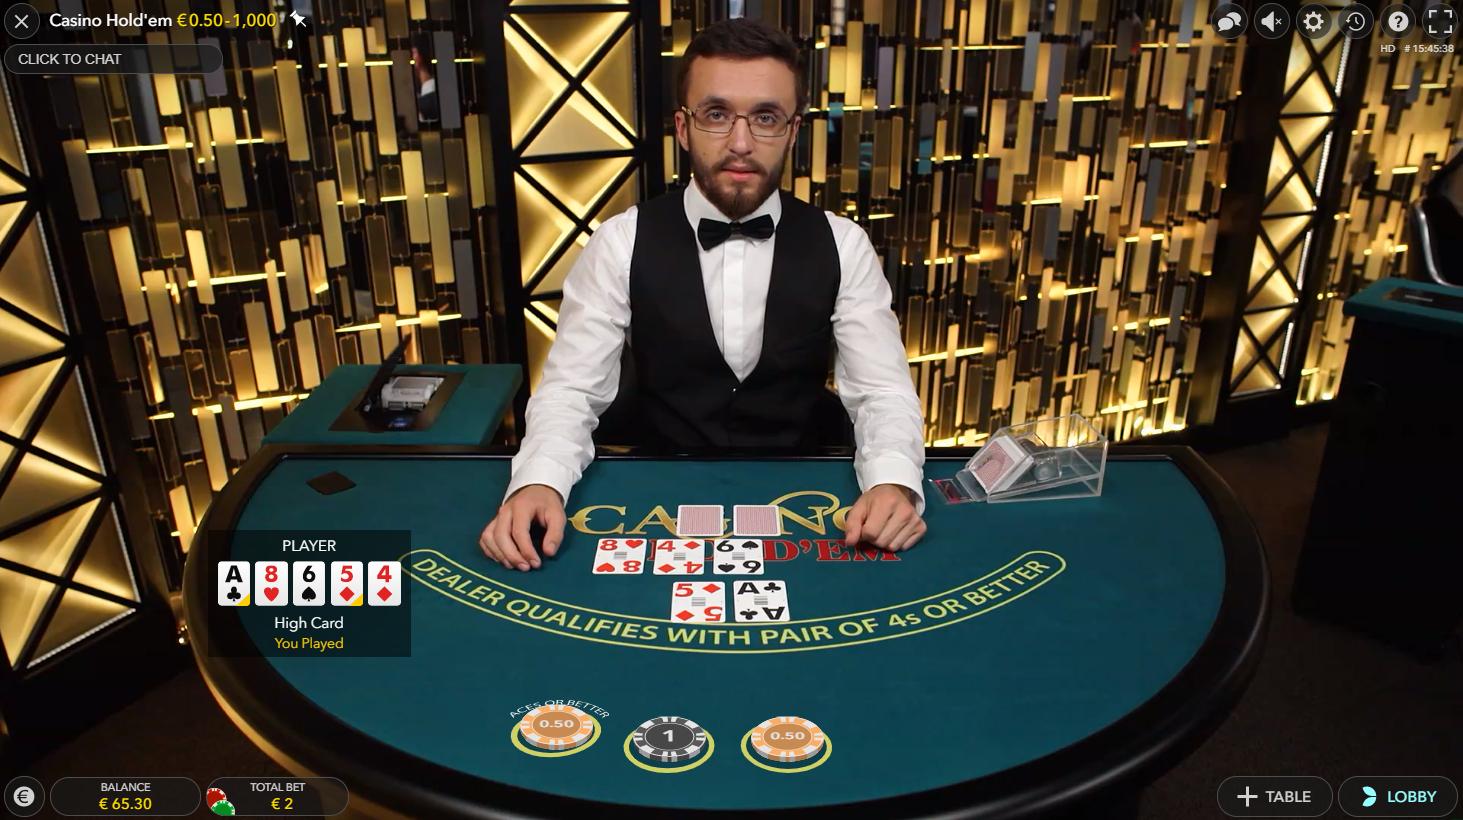 Casino Hold'em evolution gaming